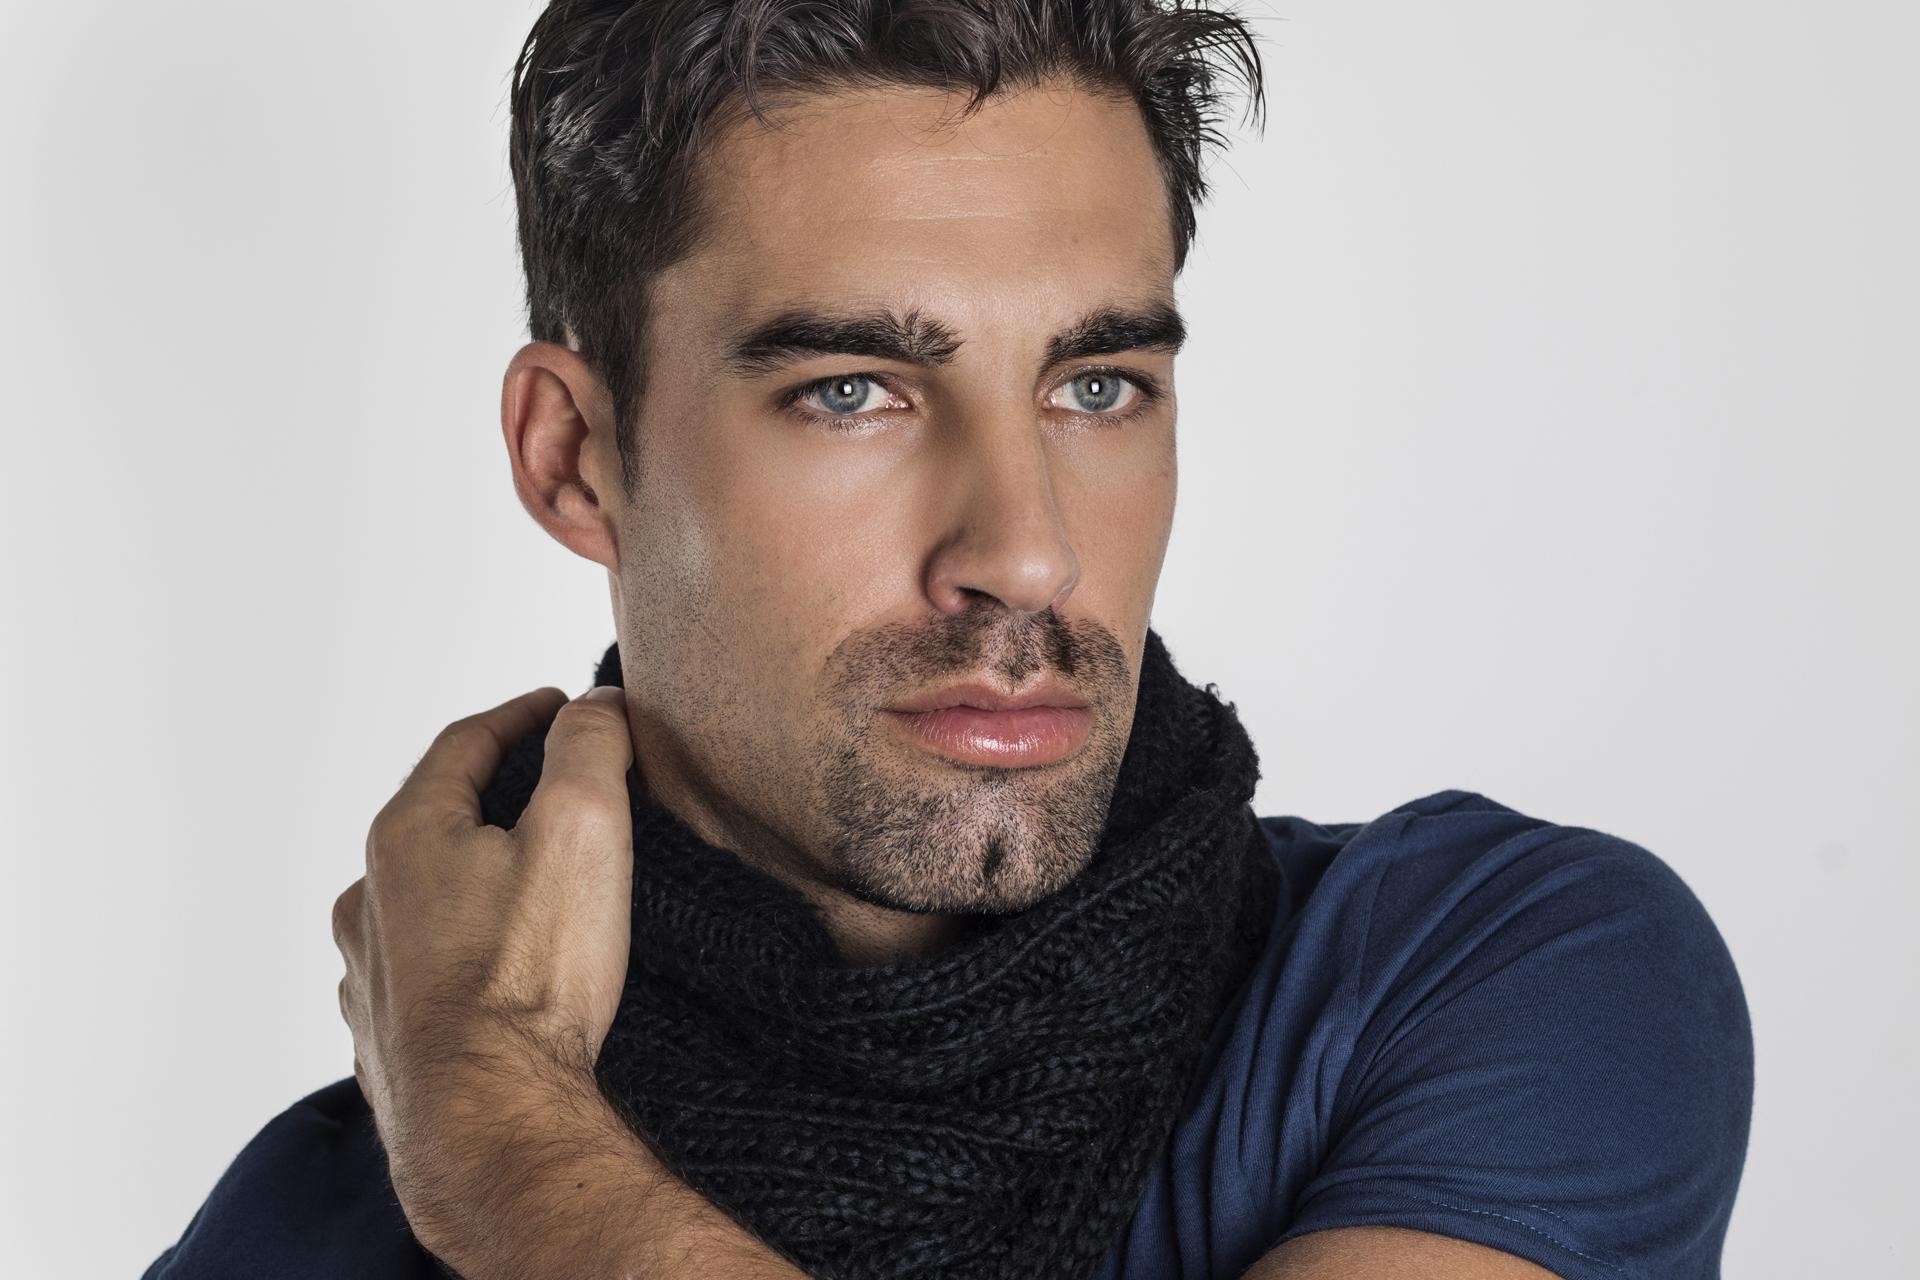 Los especialistas aseguraron también que la nariz es quizás el rasgo menos valorado por ambos sexos (iStock)